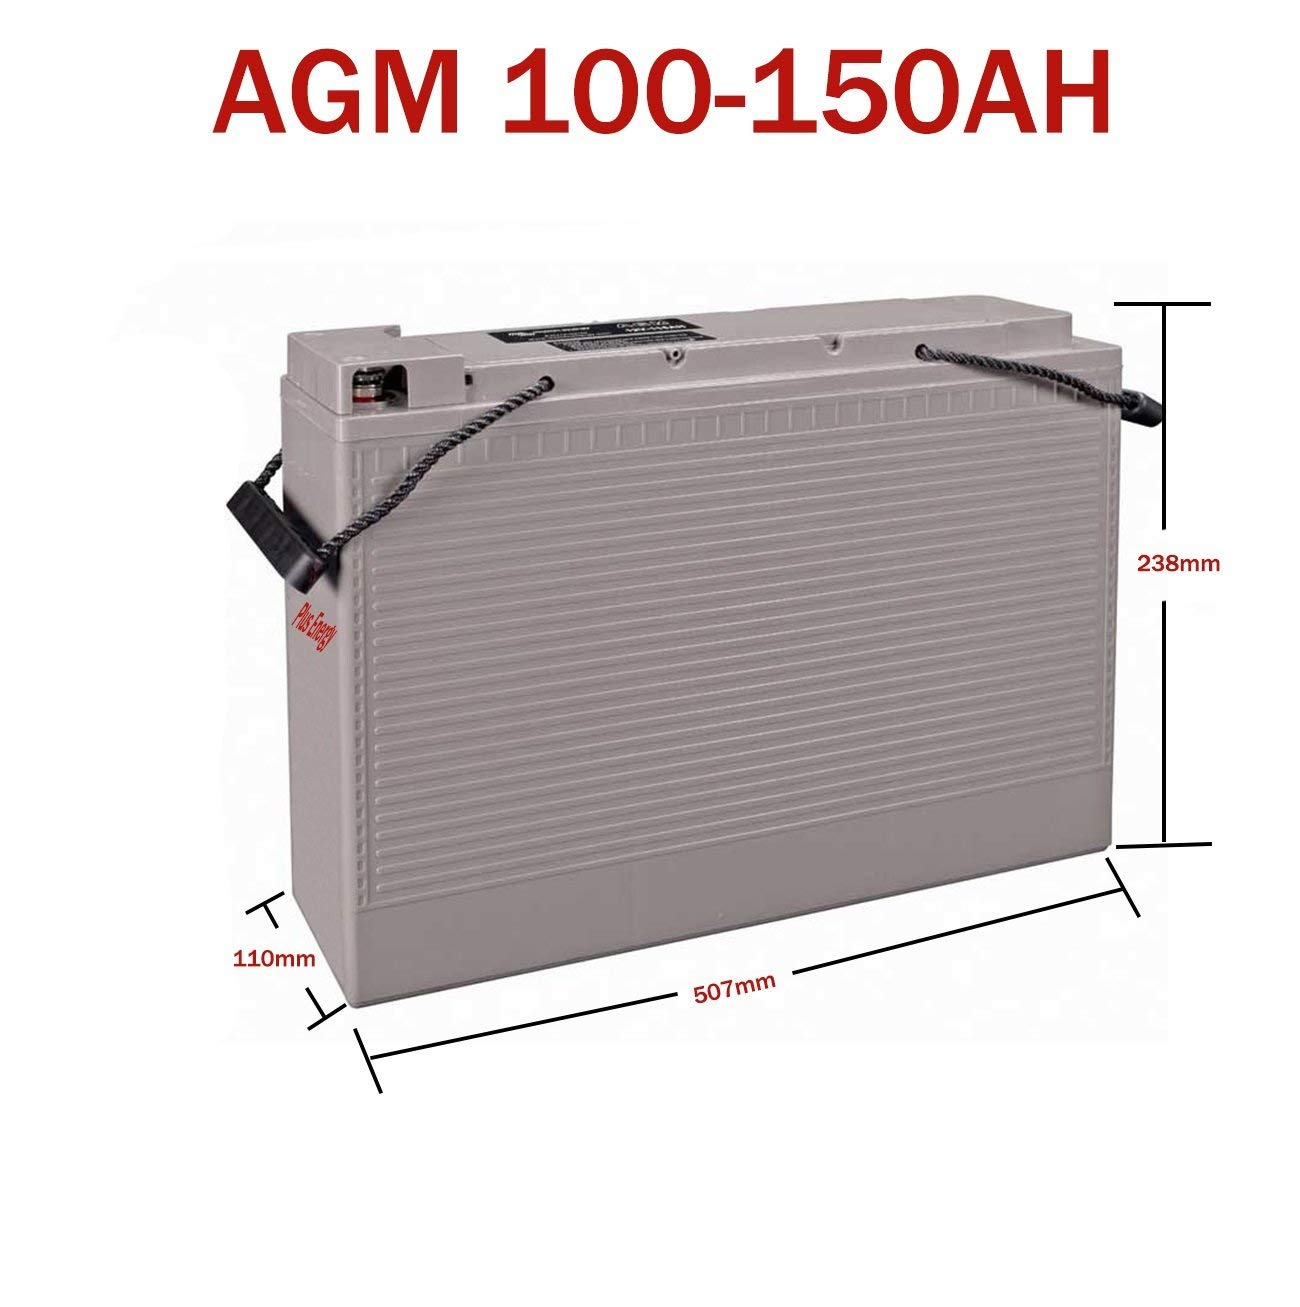 PlusEnergy Baterí a Solar 12v Ciclo Profundo AGM 150Ah 250Ah Gel 150Ah 250Ah Solar Fotovoltaica con terminales (150A Gel)